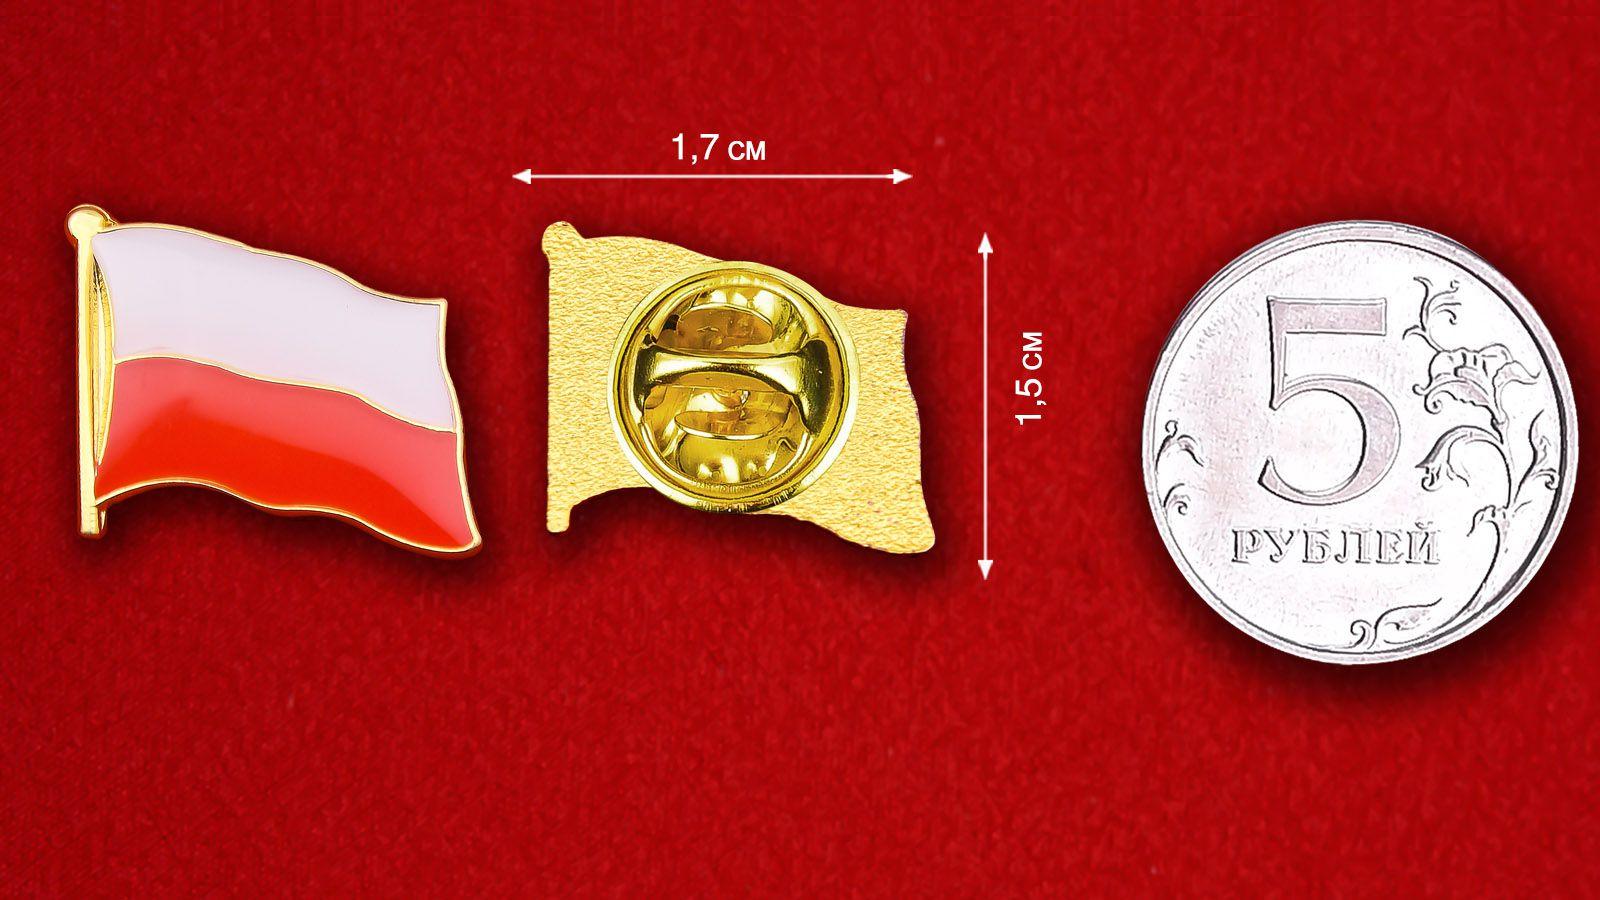 Значок Флага Польши - сравнительный размер